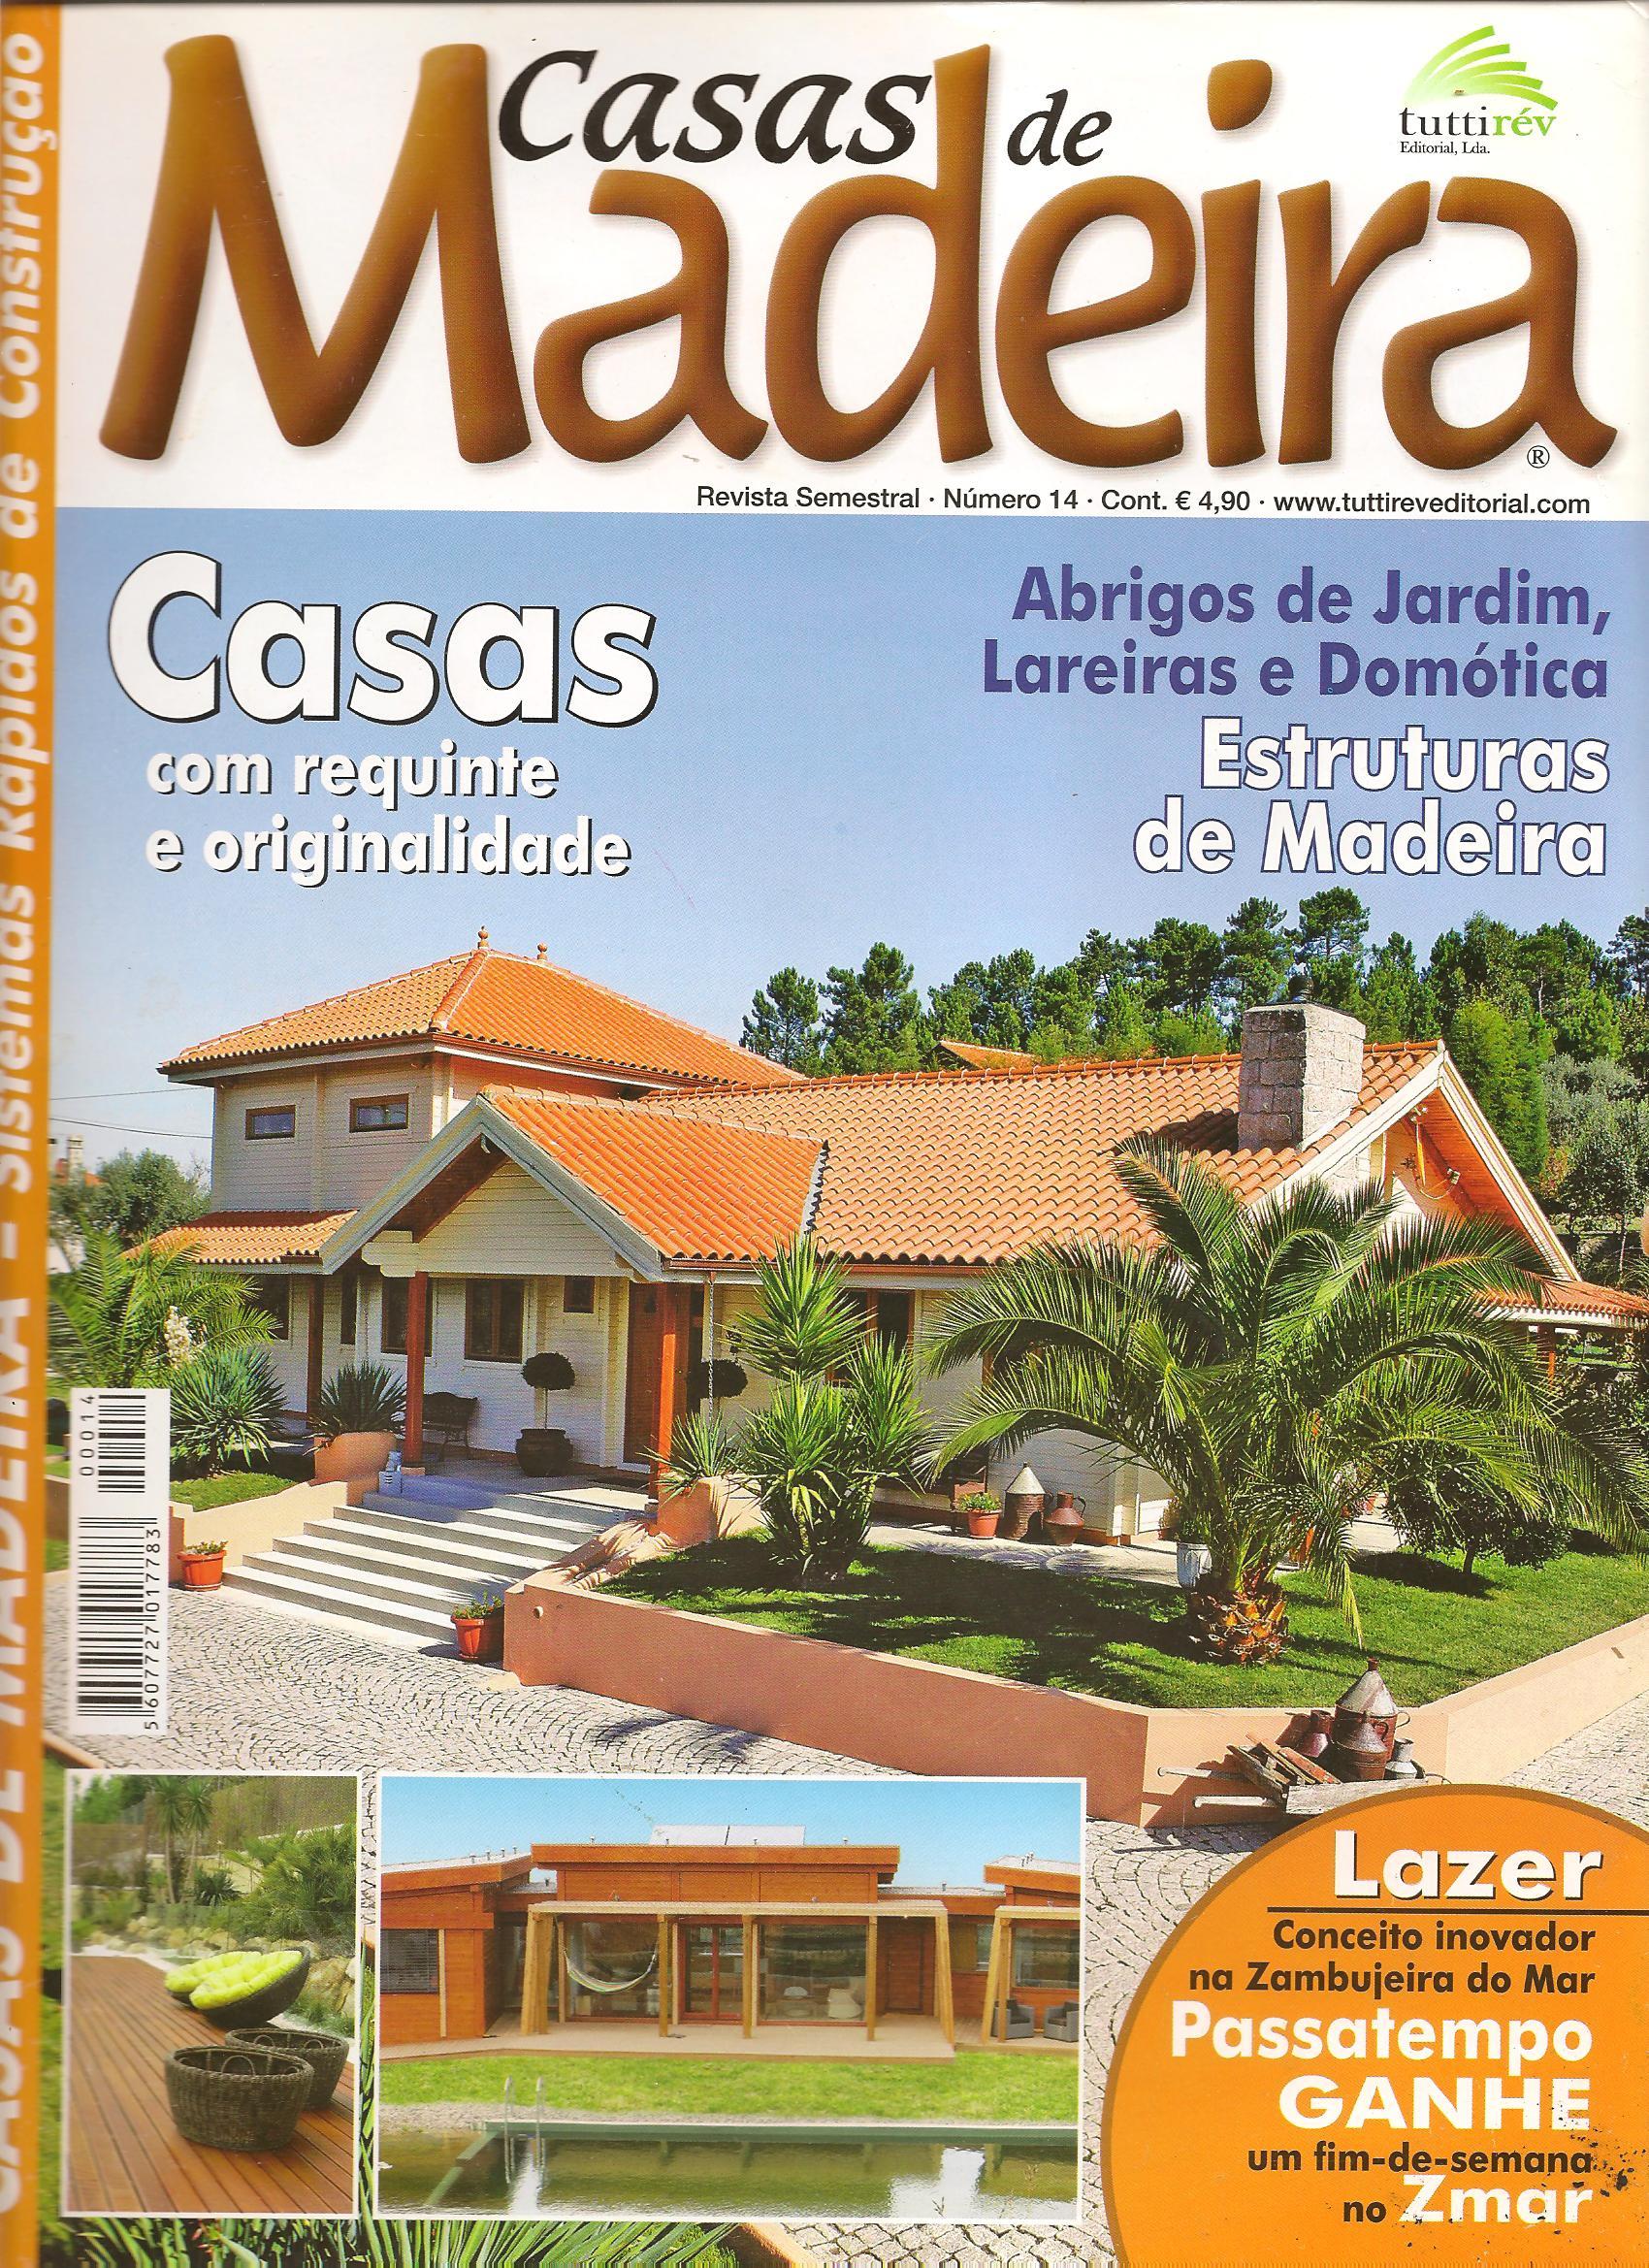 Revista Casas de madeira 2013